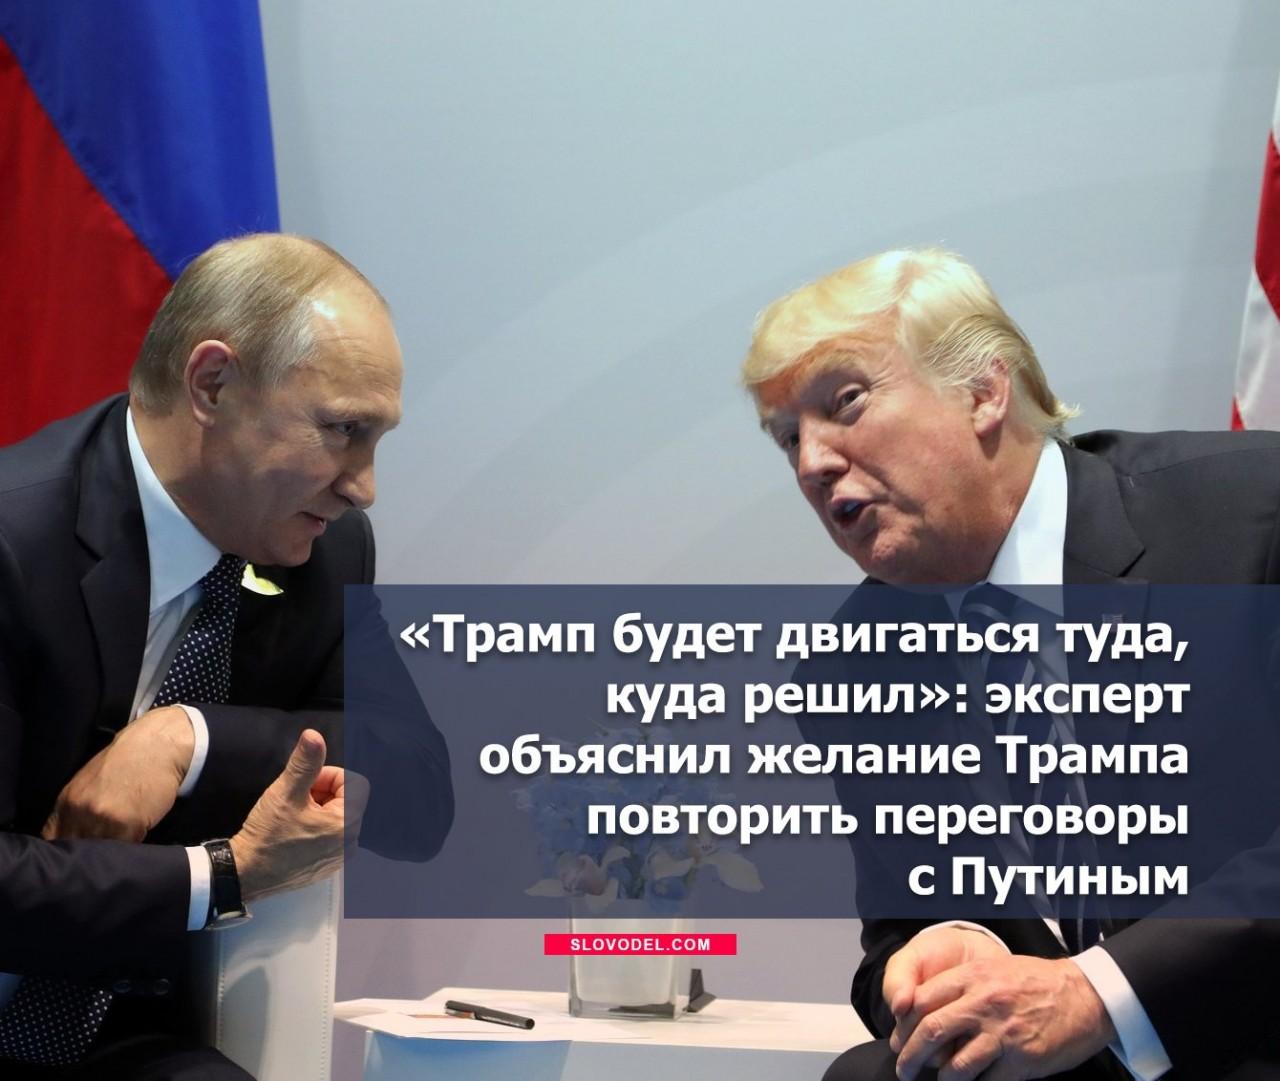 «Трамп будет двигаться туда, куда решил»: эксперт объяснил желание Трампа повторить переговоры с Путиным